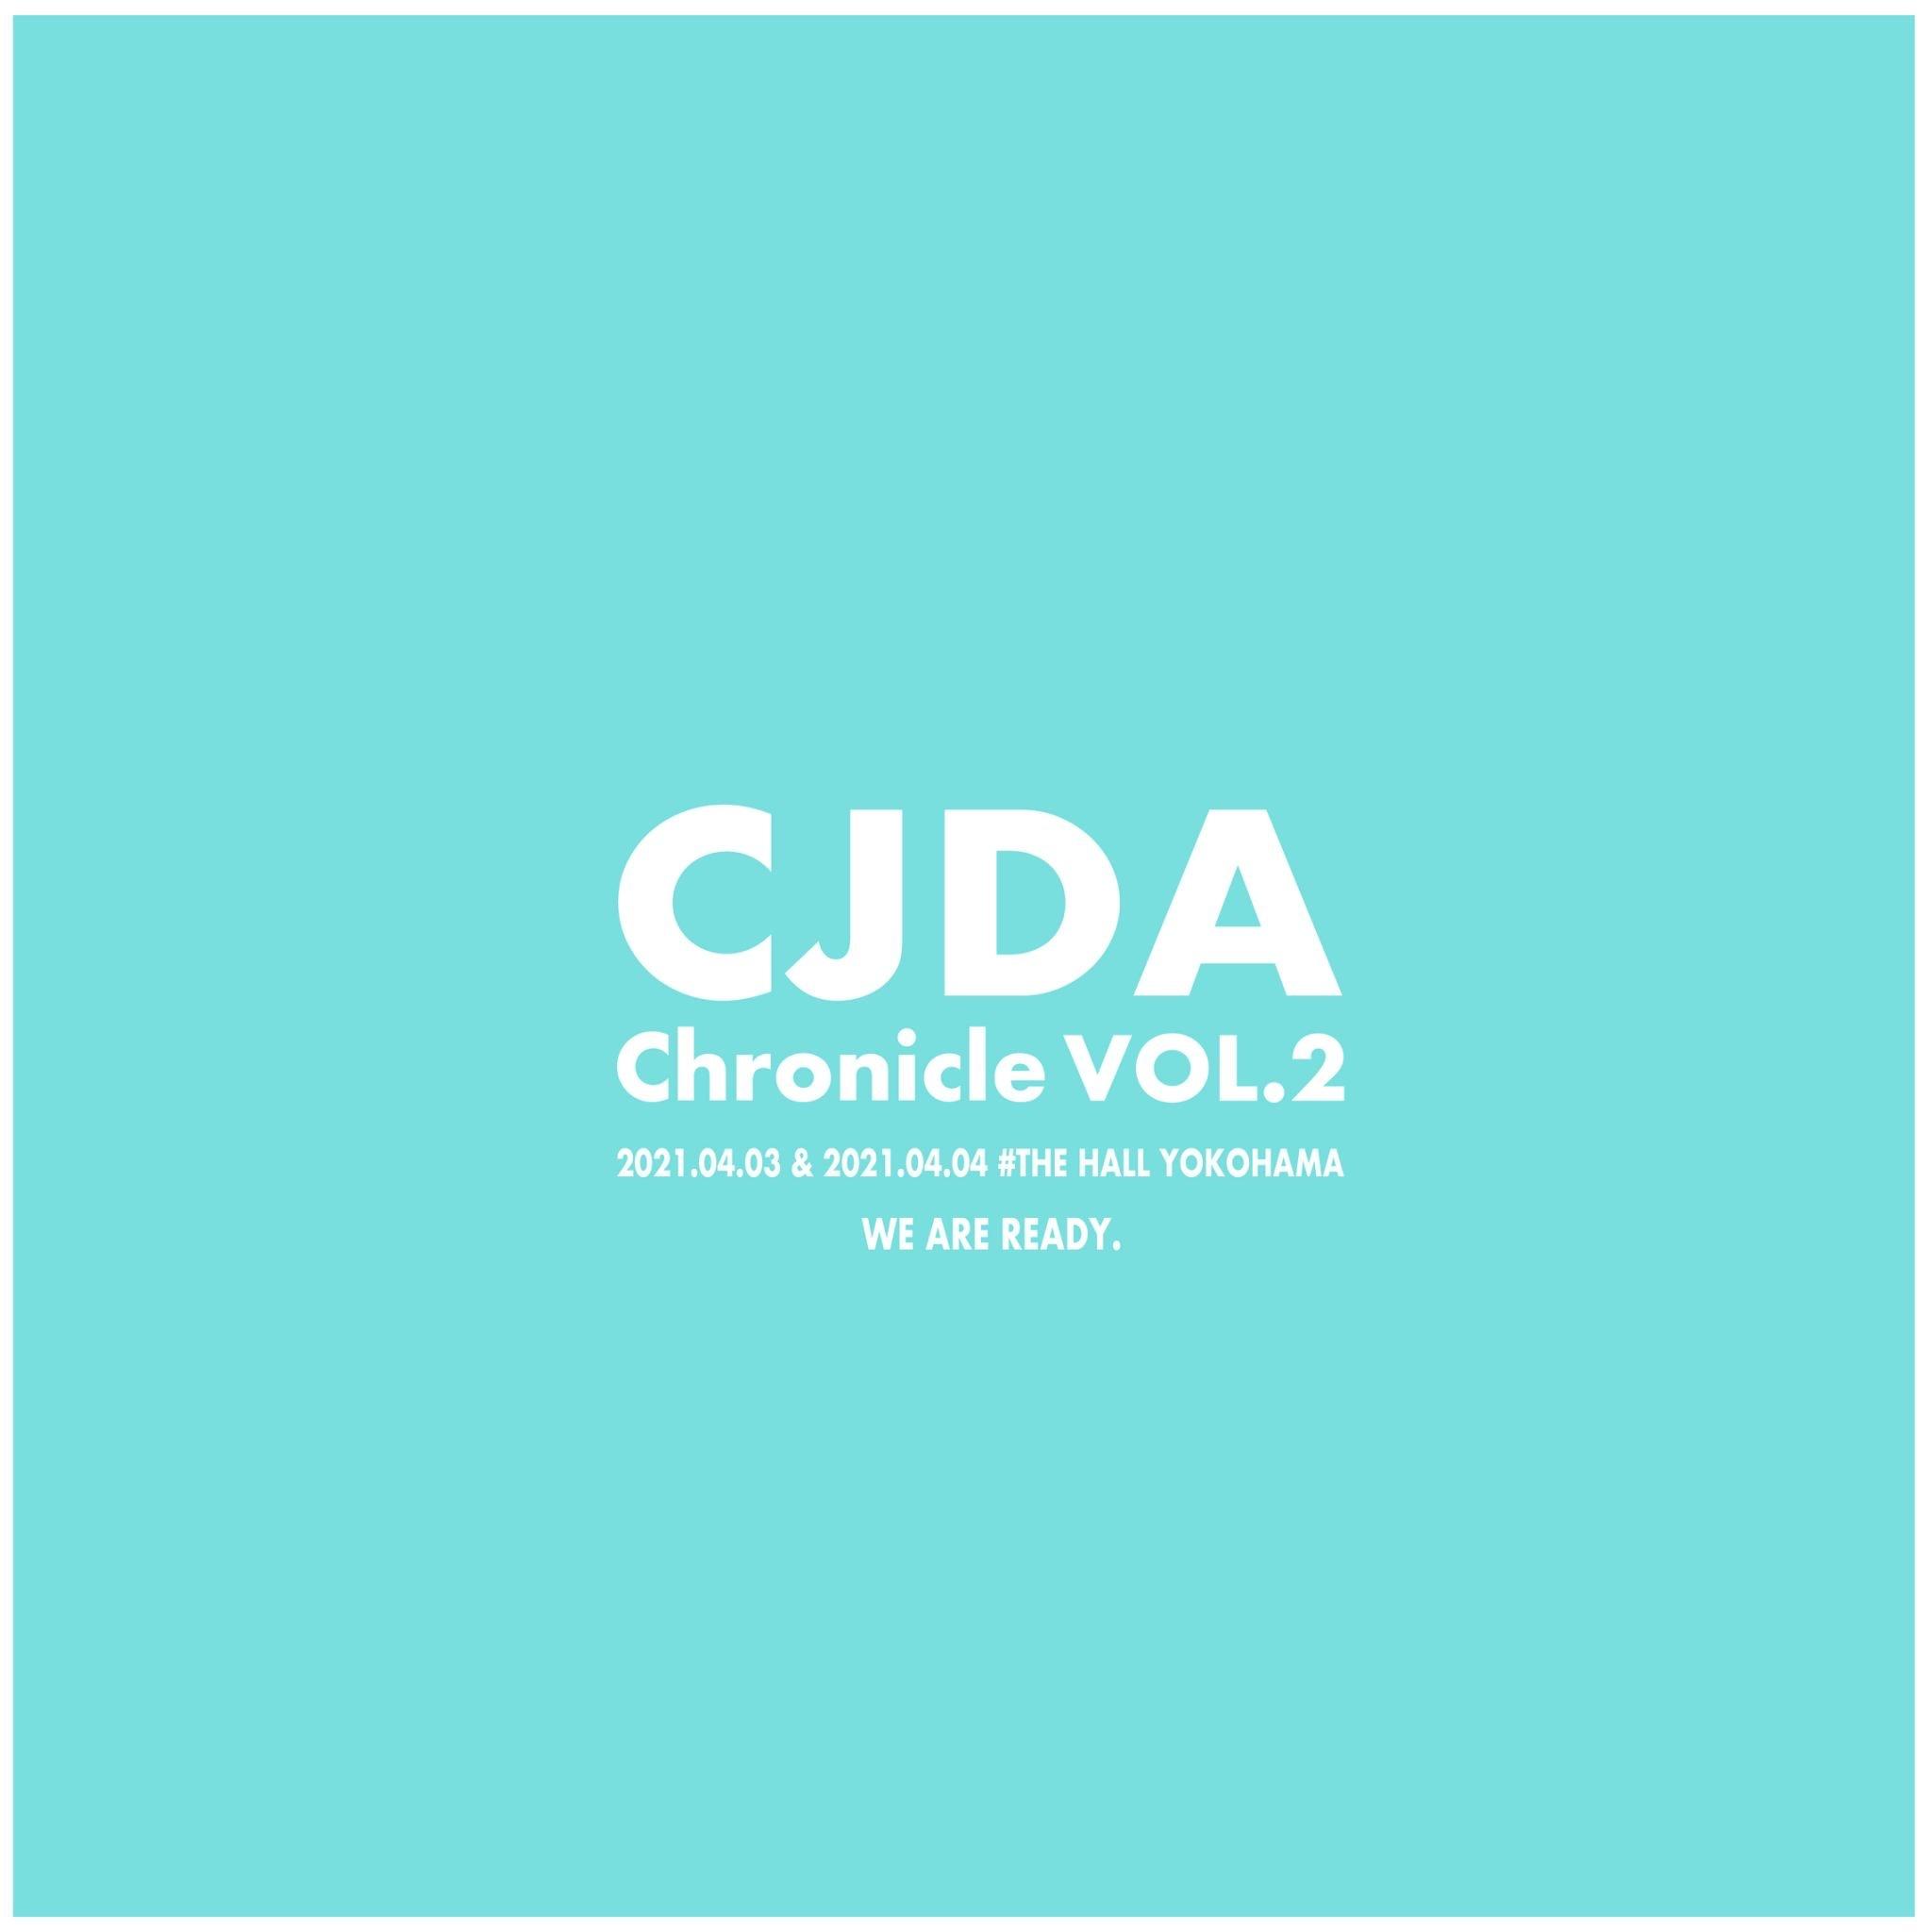 【4/3(土) 16:00公演】CJDAクロニクル vol.2